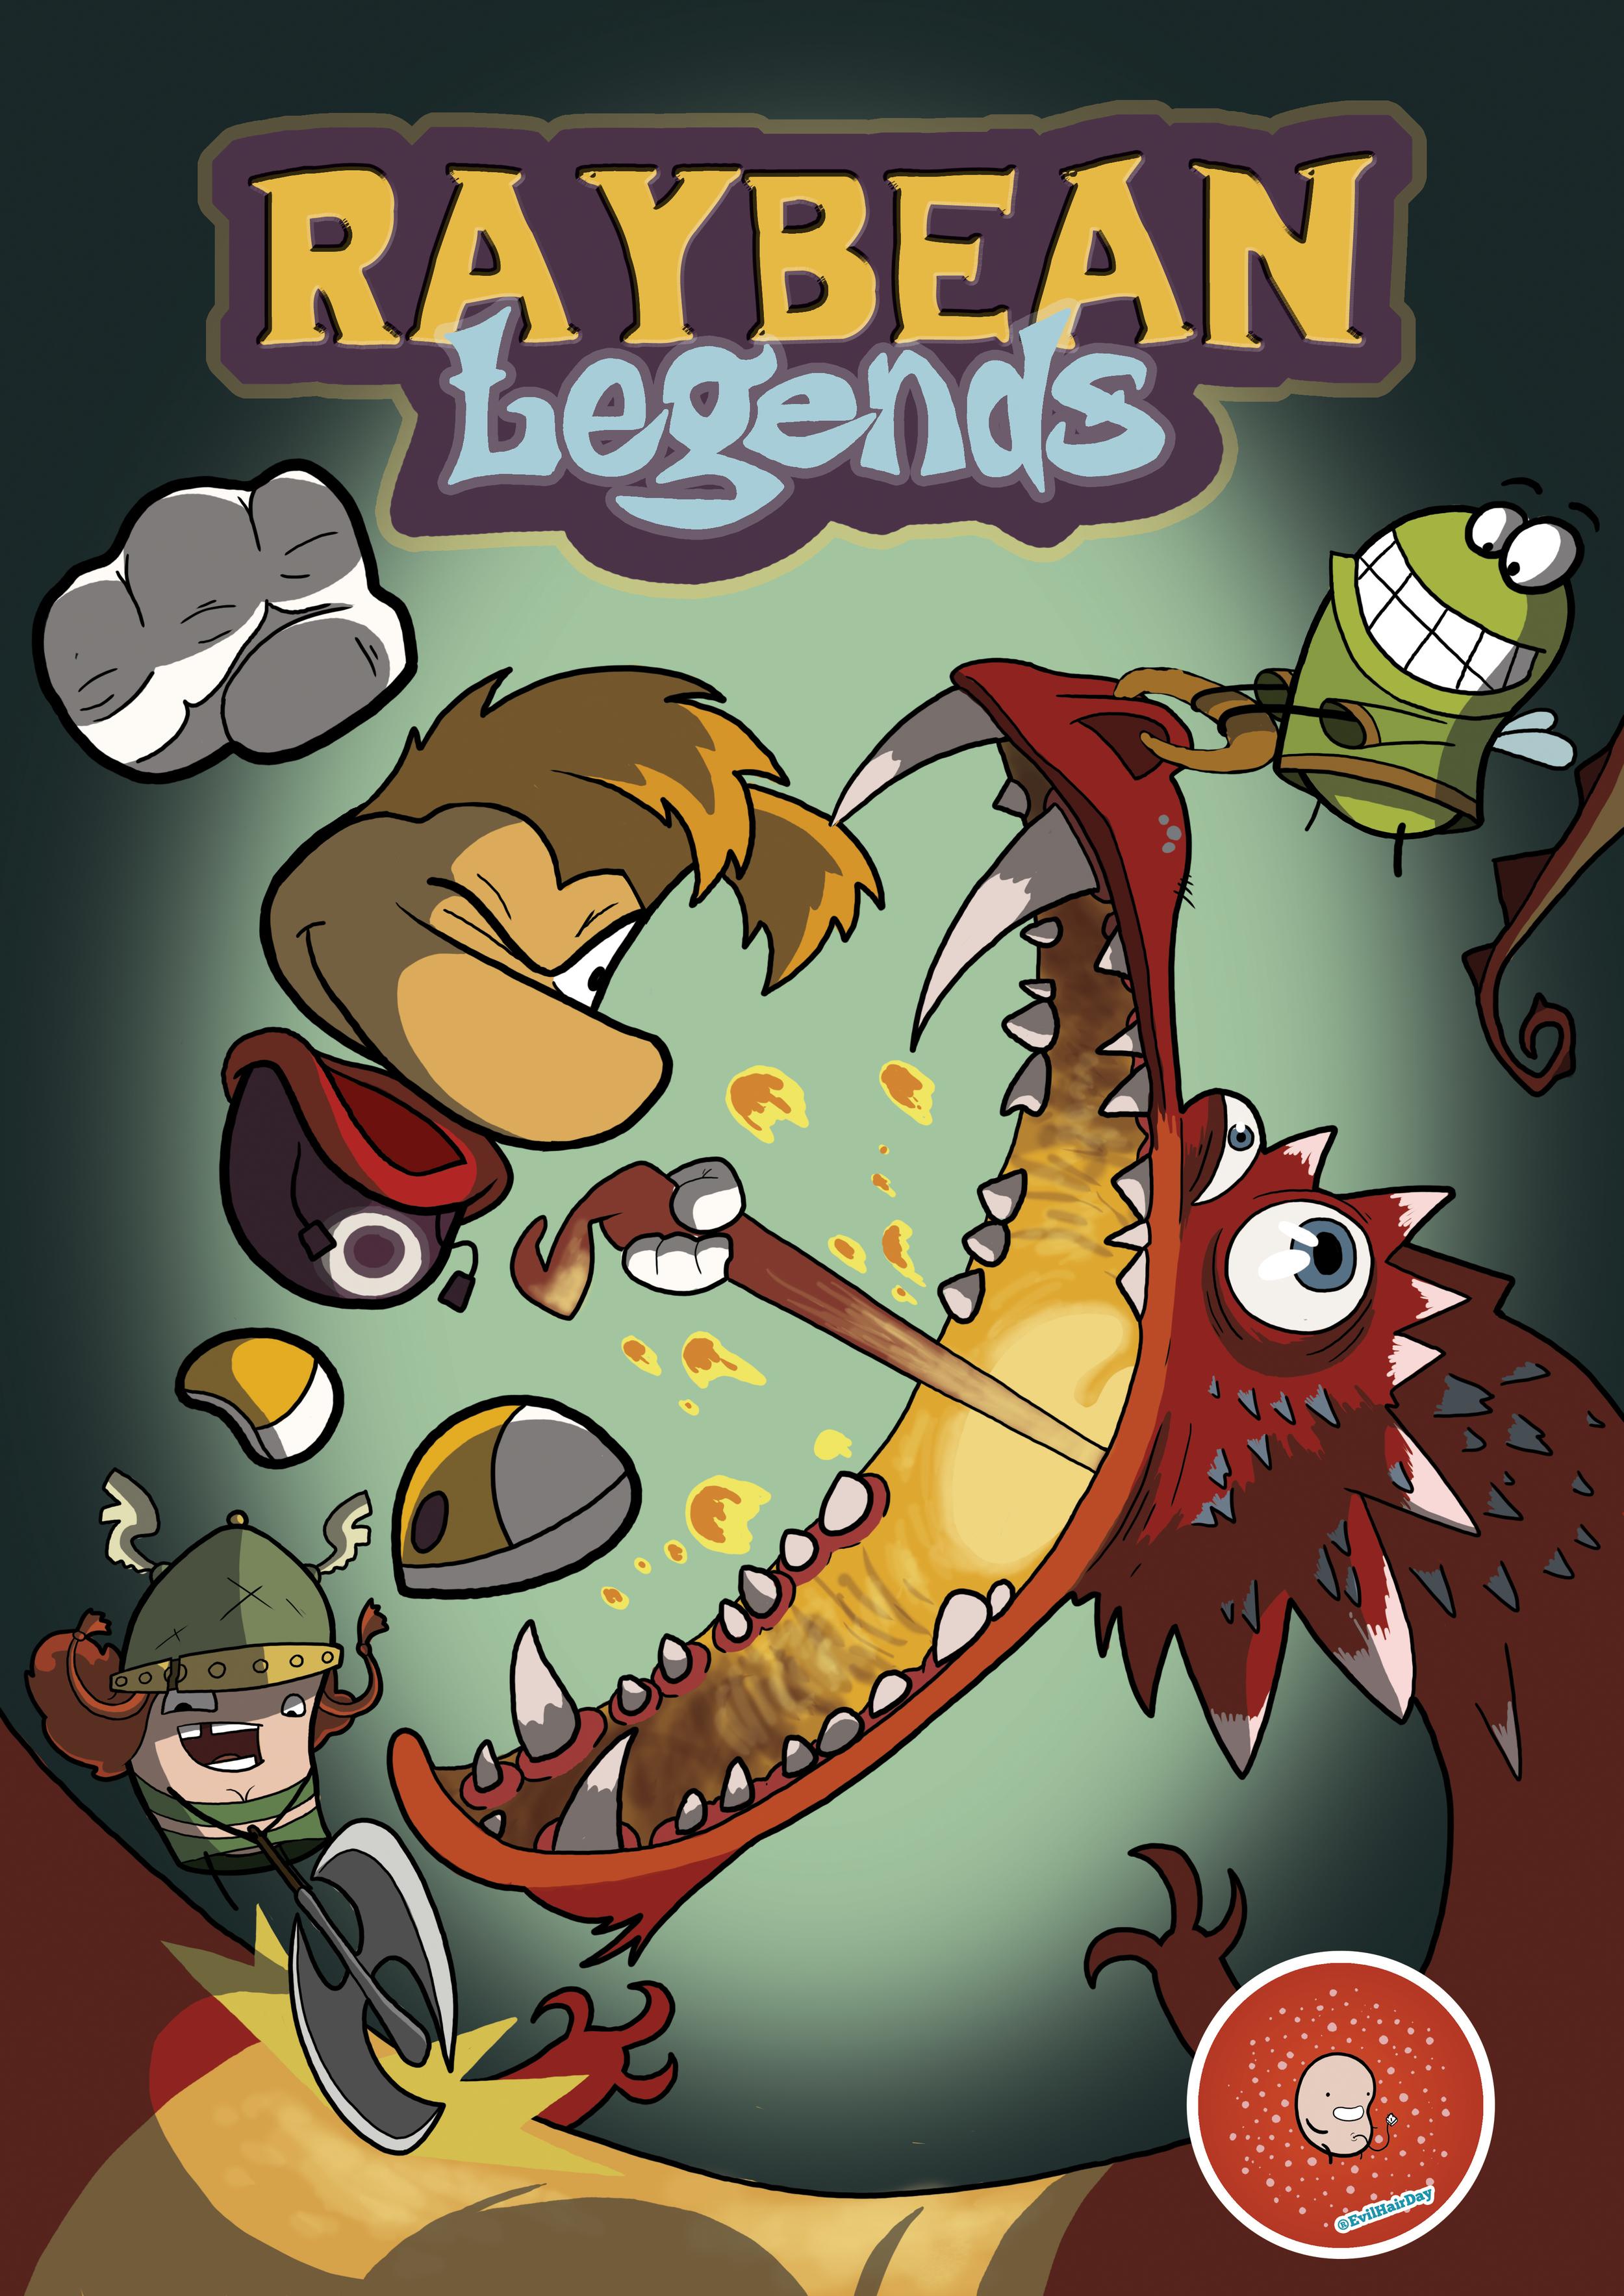 beanman legends.jpg